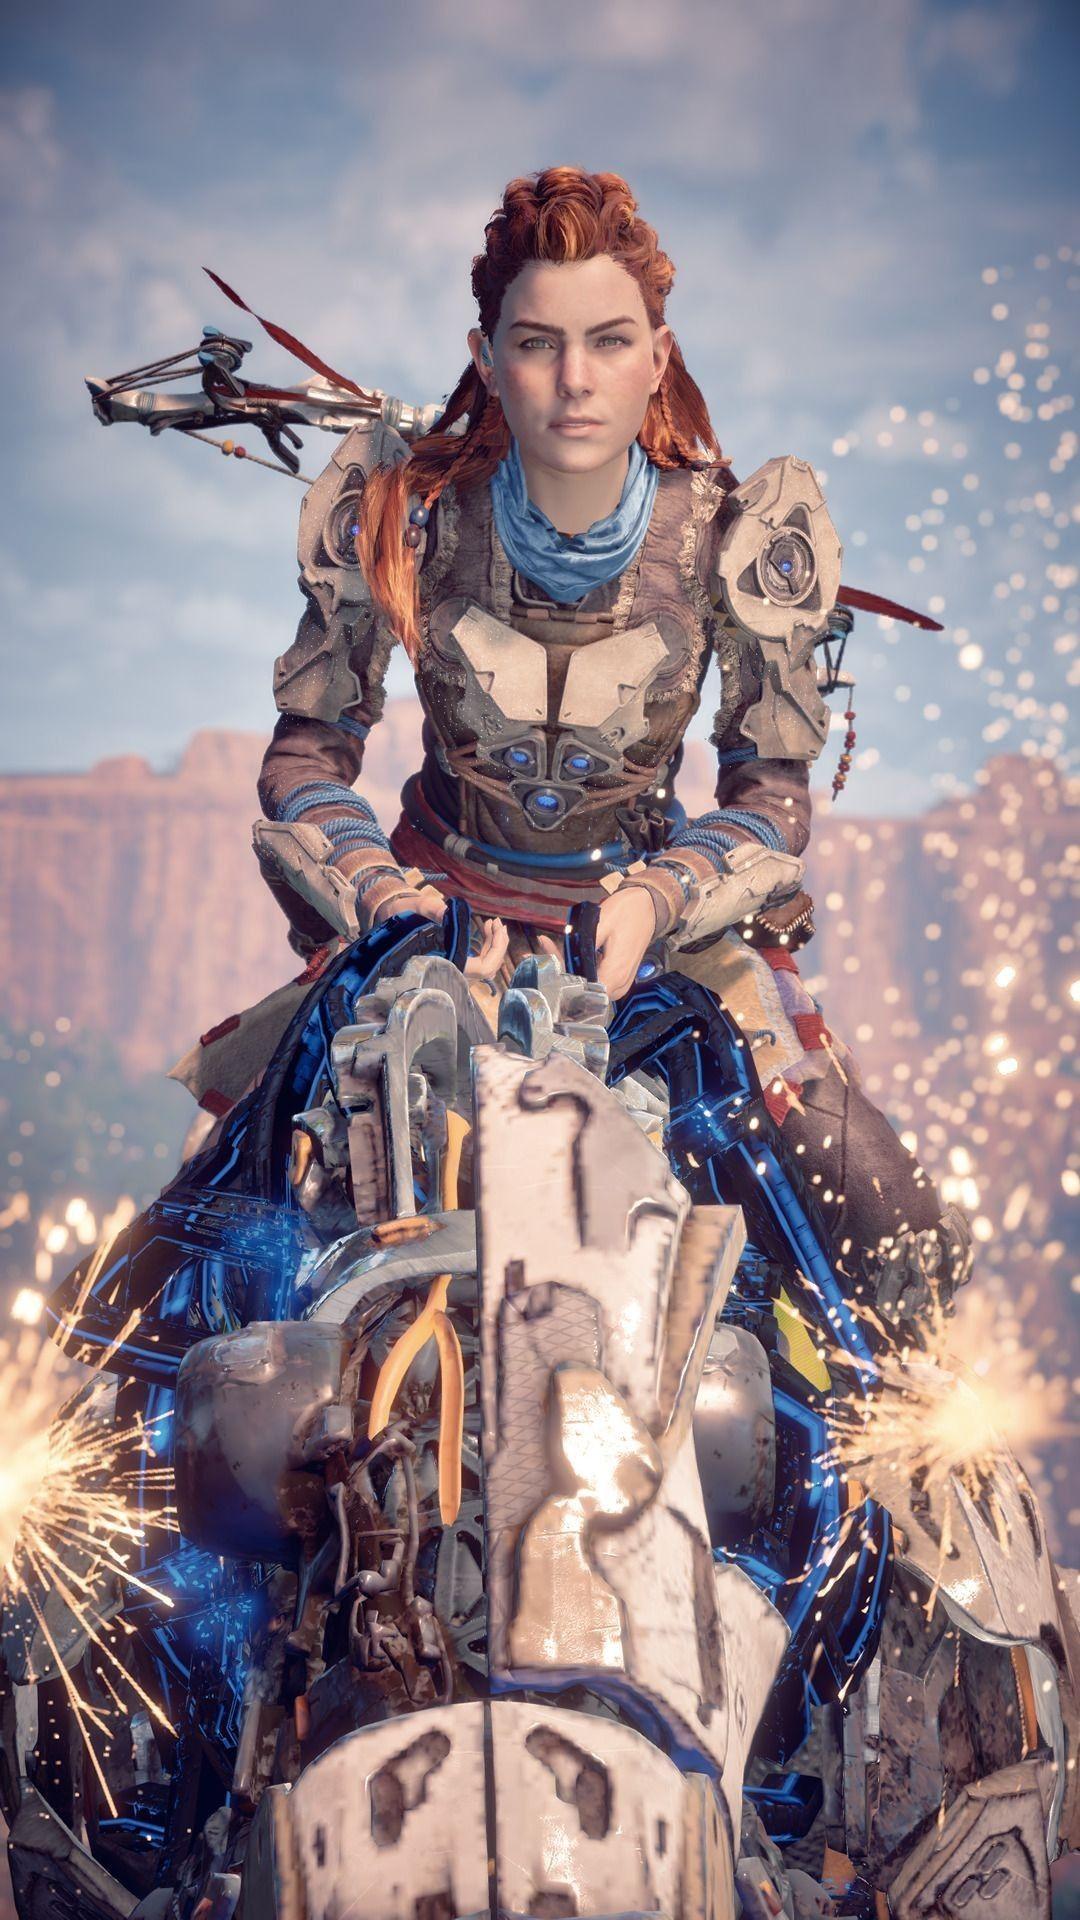 Aloy Horizon Zero Dawn Personagens De Games Arte De Jogos